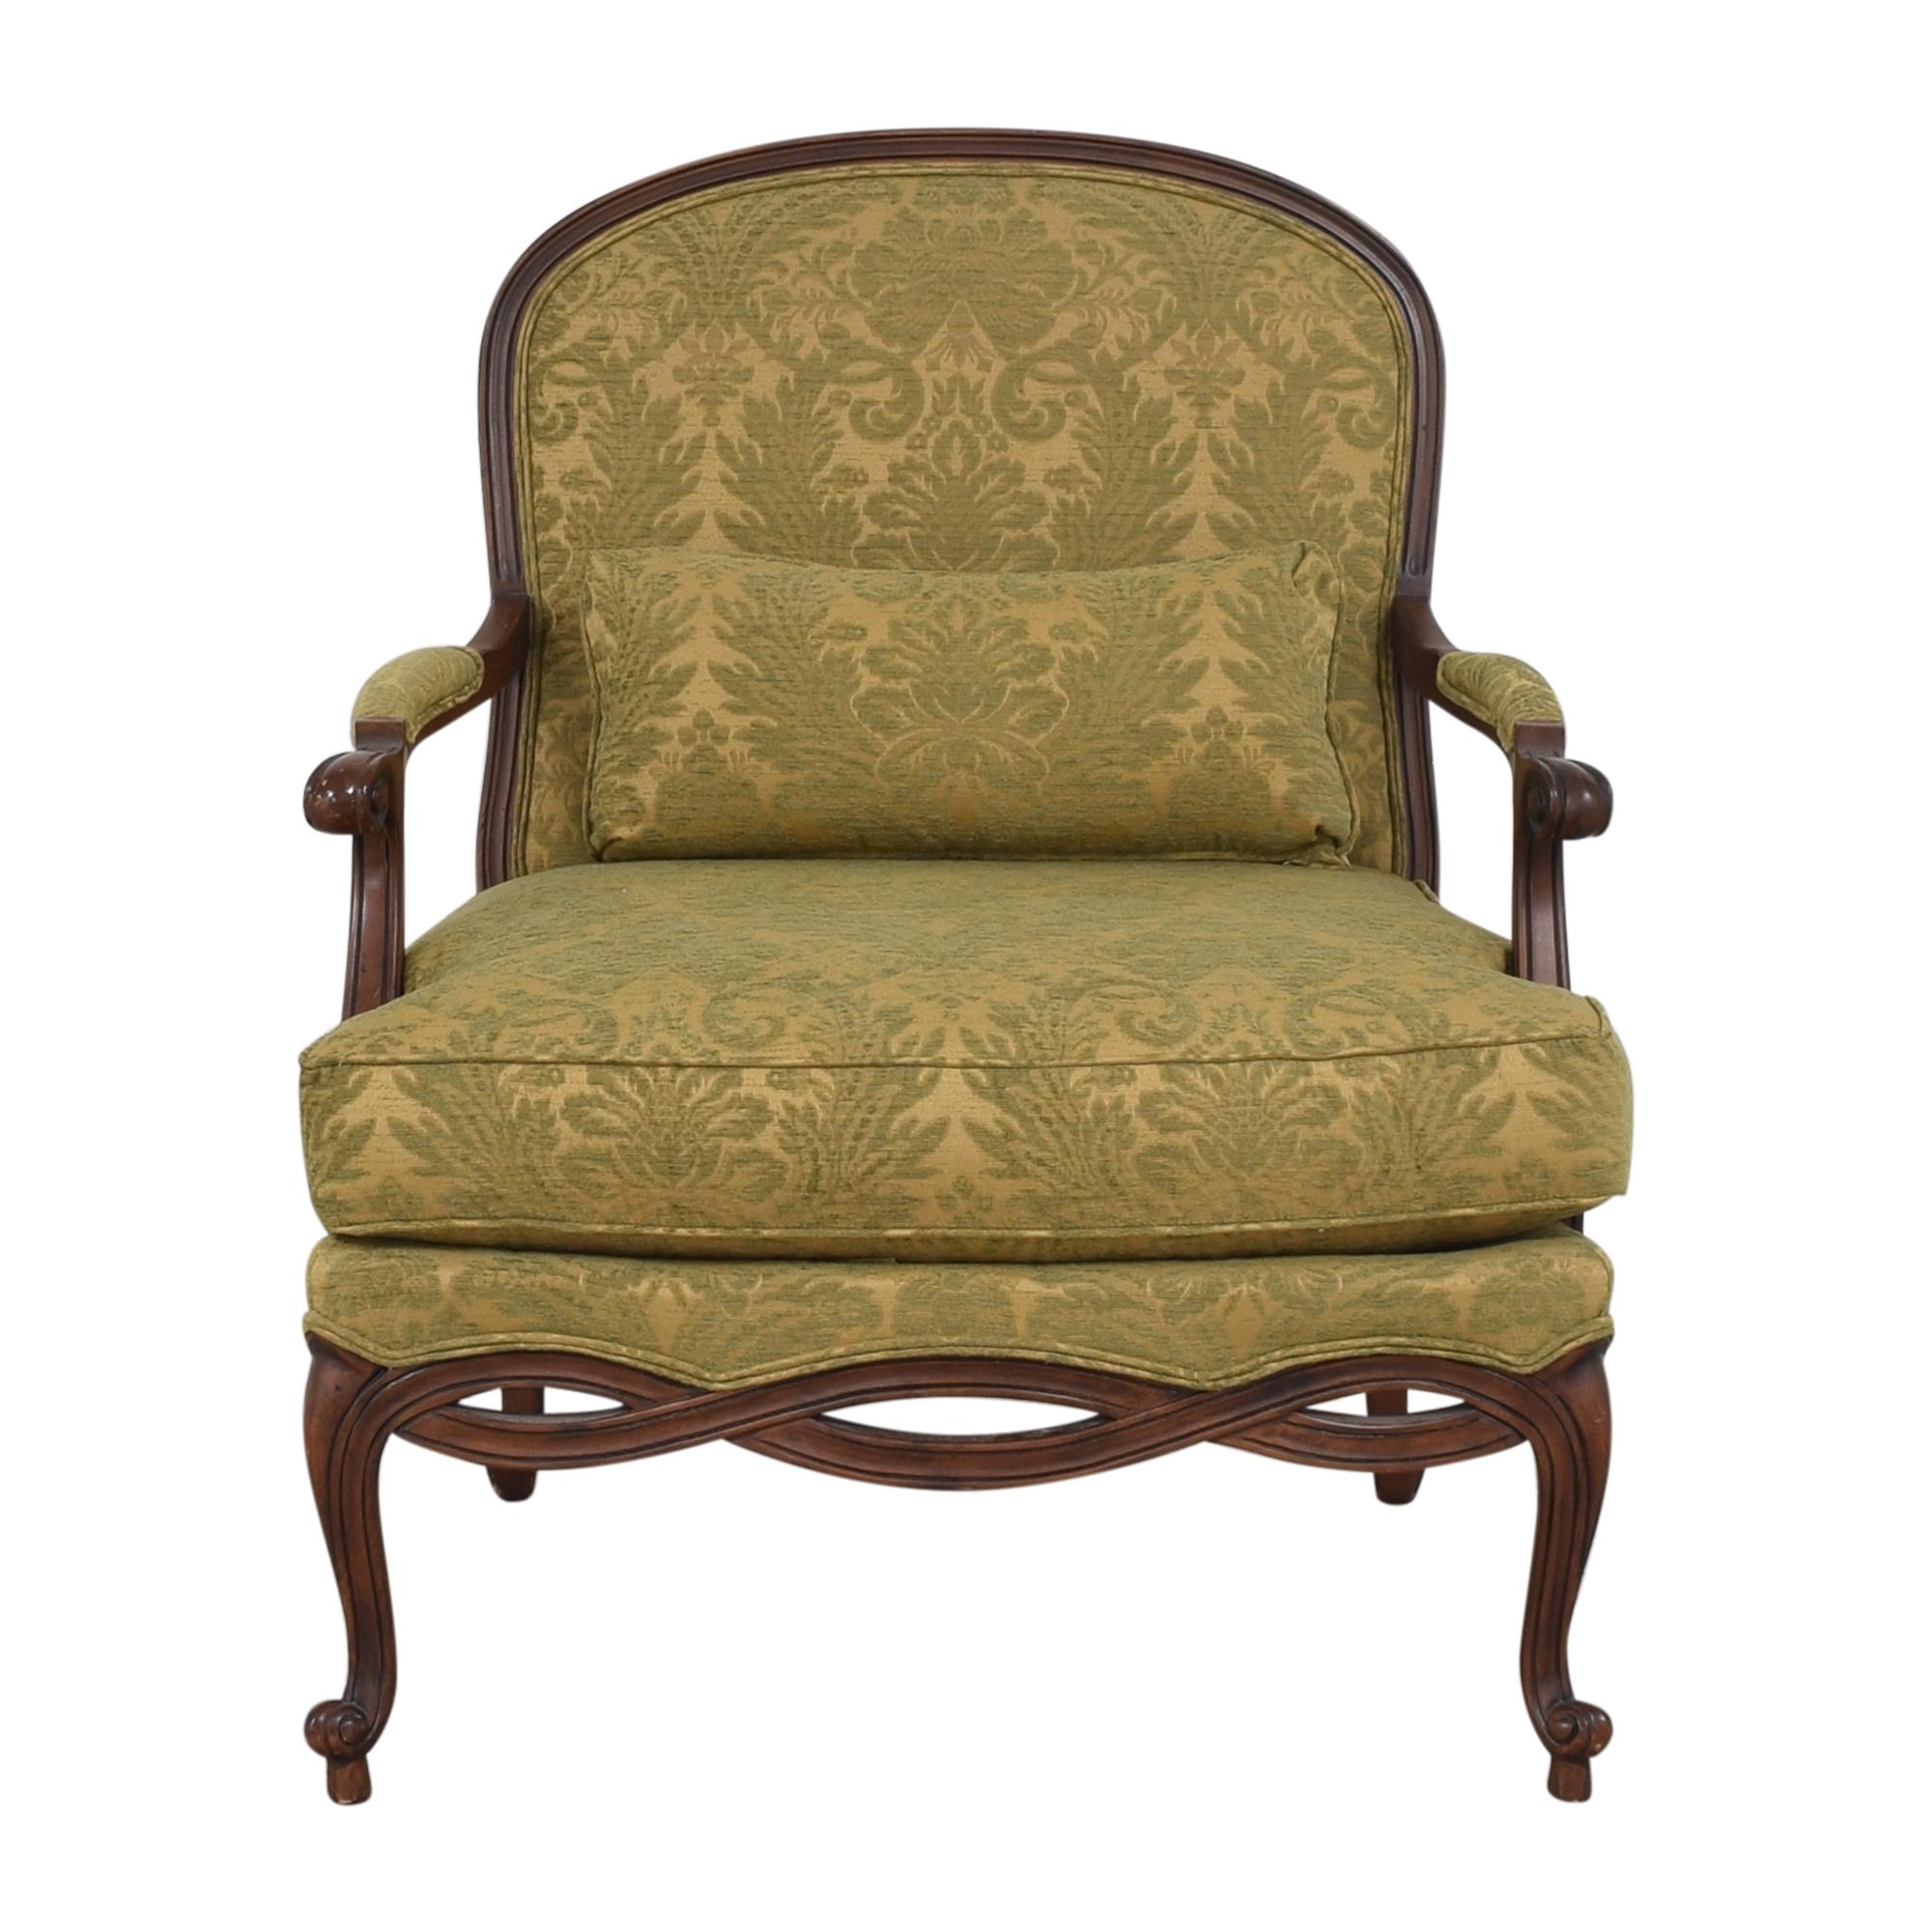 Ethan Allen Ethan Allen Bergere Chair Brown / Green